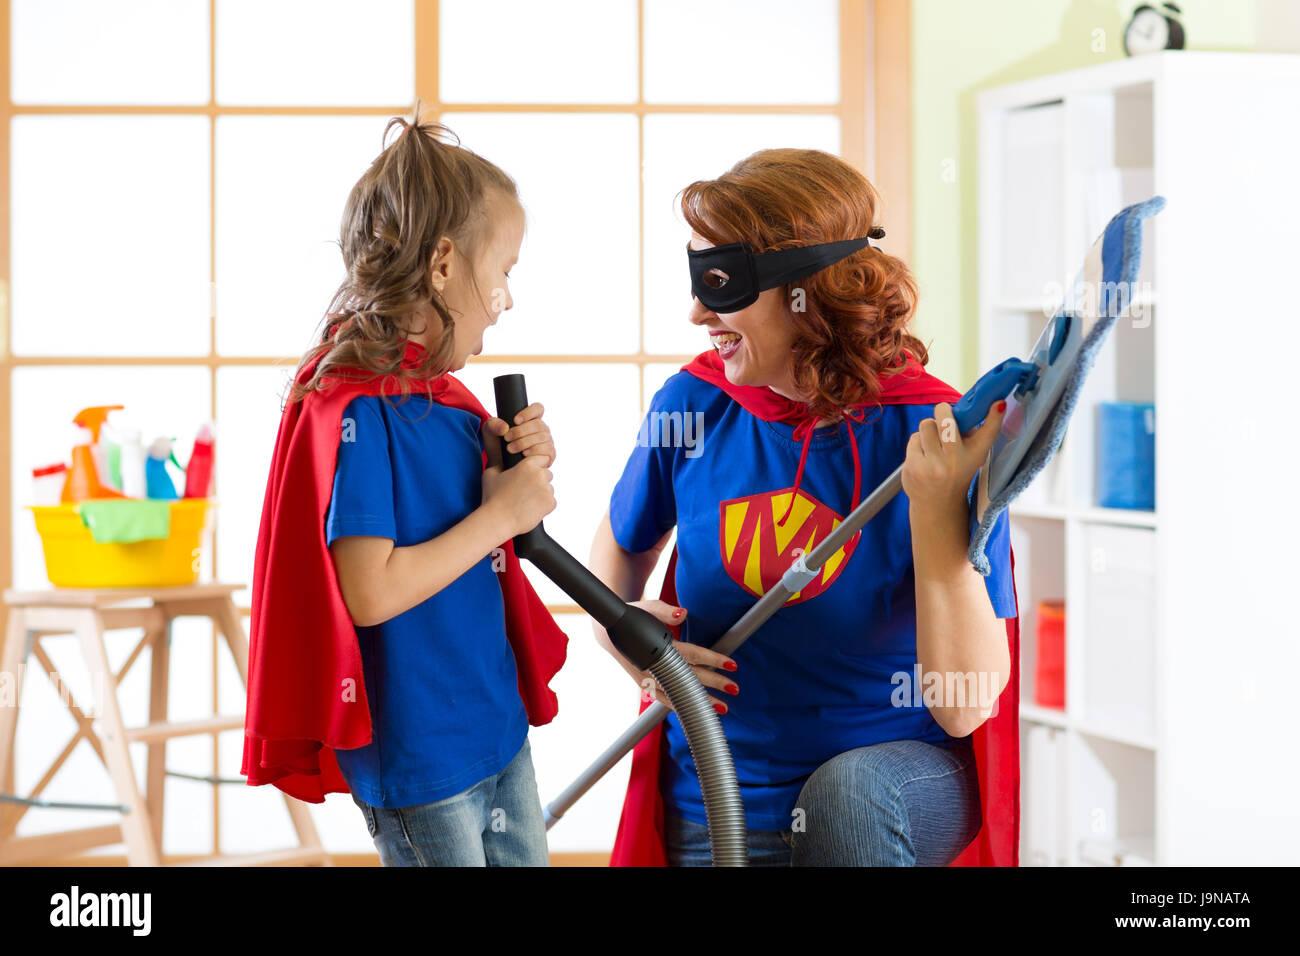 Glücklich, Frau mit Kind Reinigung Zimmer und haben Spaß. Mutter und Kind Mädchen zusammen zu spielen. Stockbild